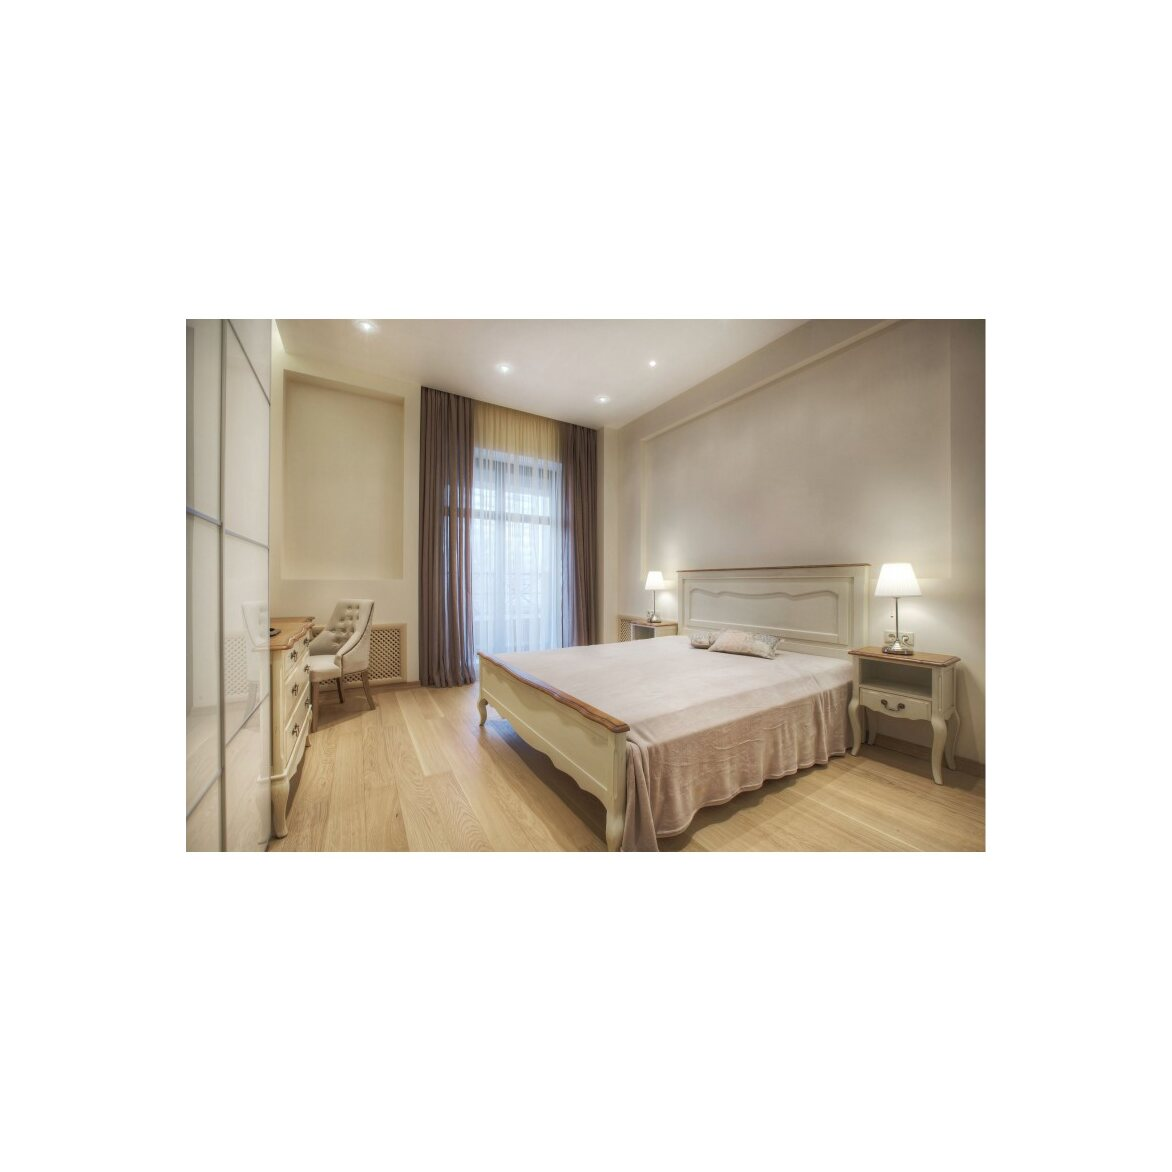 Кровать односпальная 120*200 Leontina, бежевого цвета 4 | Односпальные кровати Kingsby